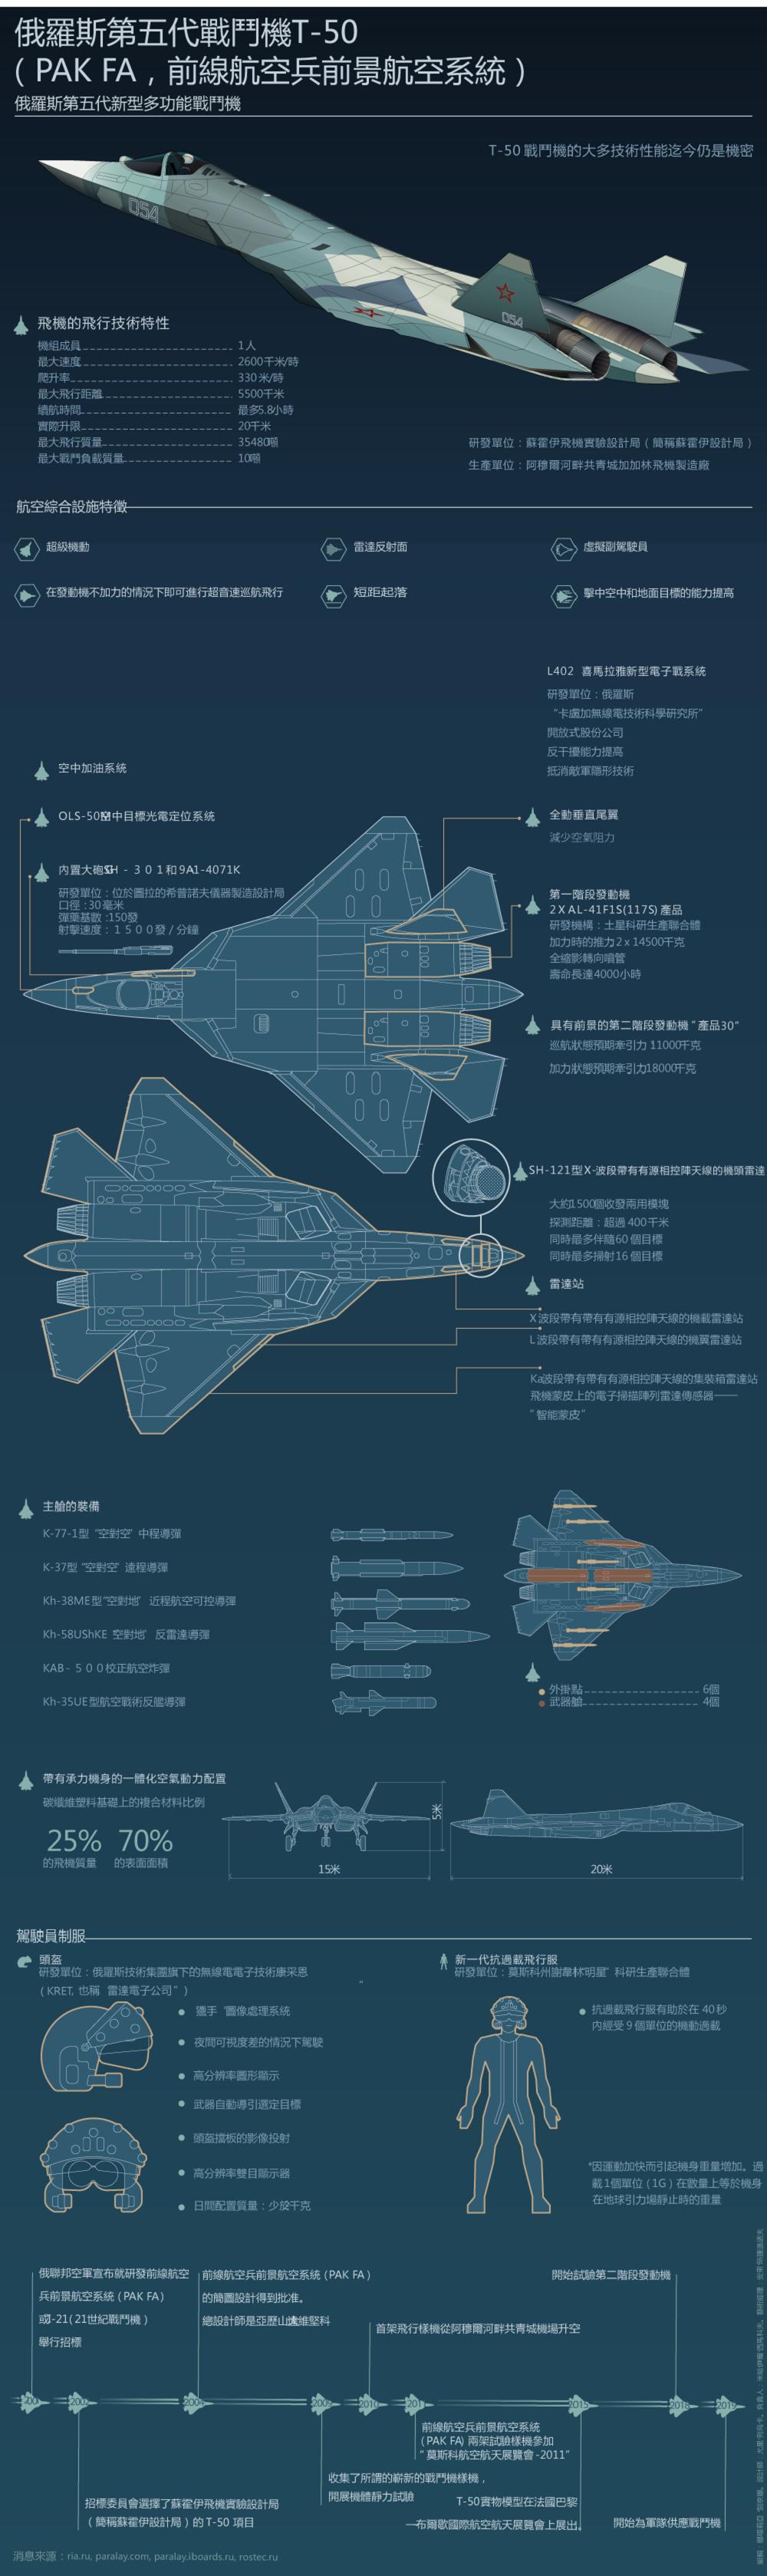 俄羅斯第五代戰鬥機T-50(PAK FA,前線航空兵前景航空系統)